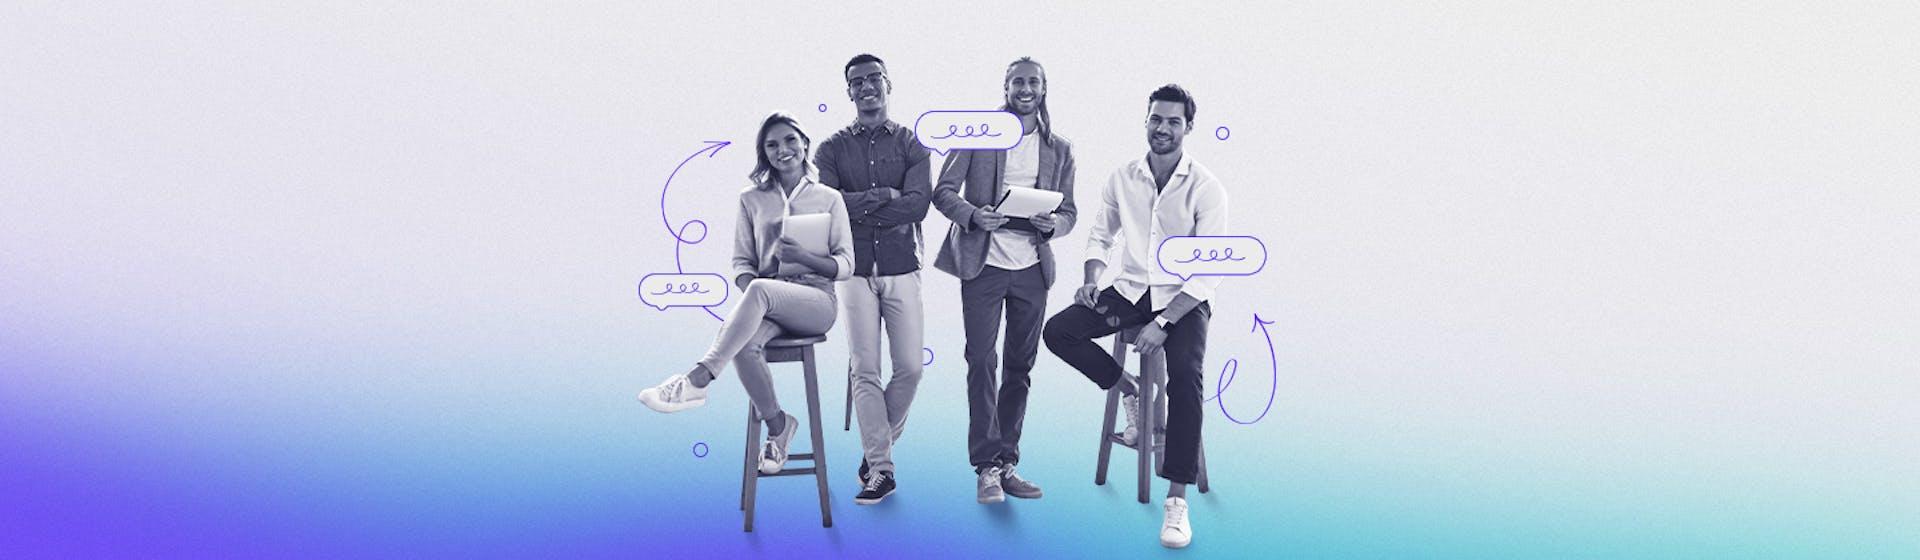 ¿Qué es Community Learning?: Innova en capacitación corporativa